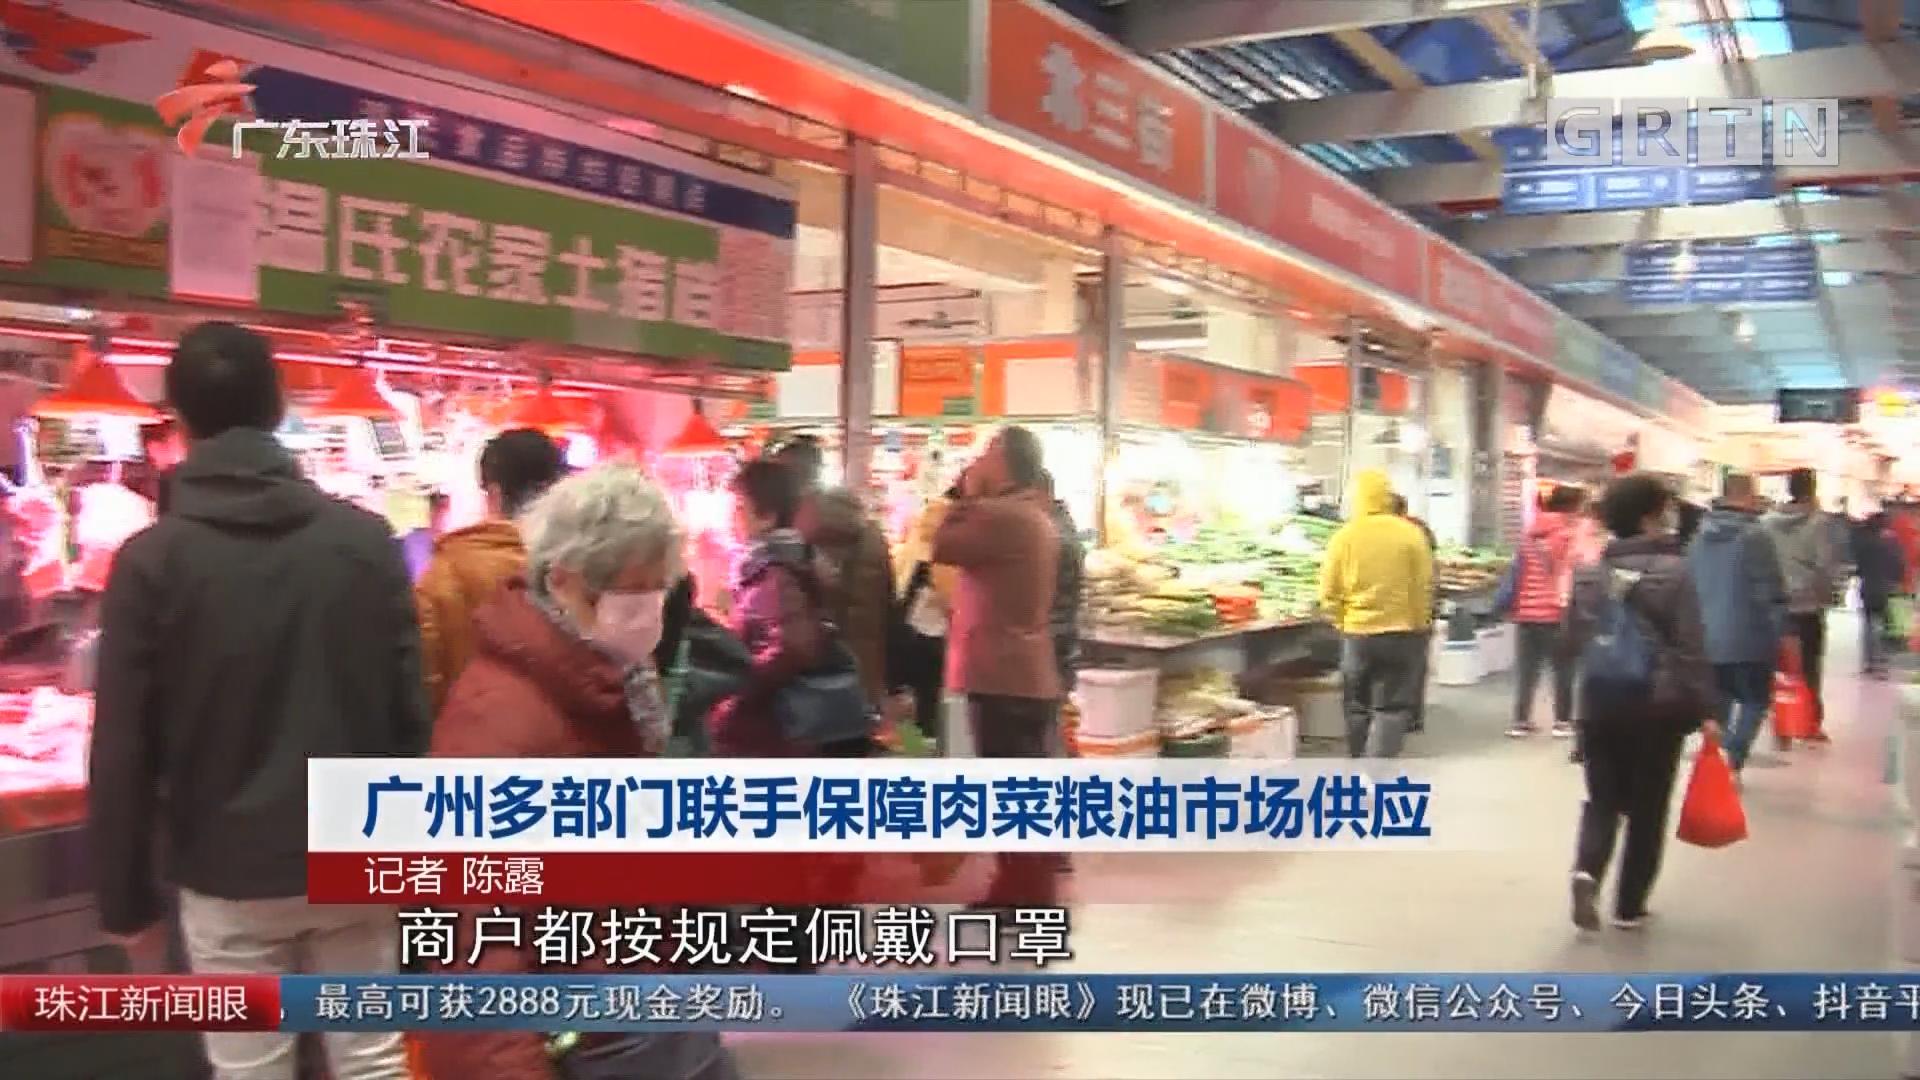 广州多部门联手保障肉菜粮油市场供应